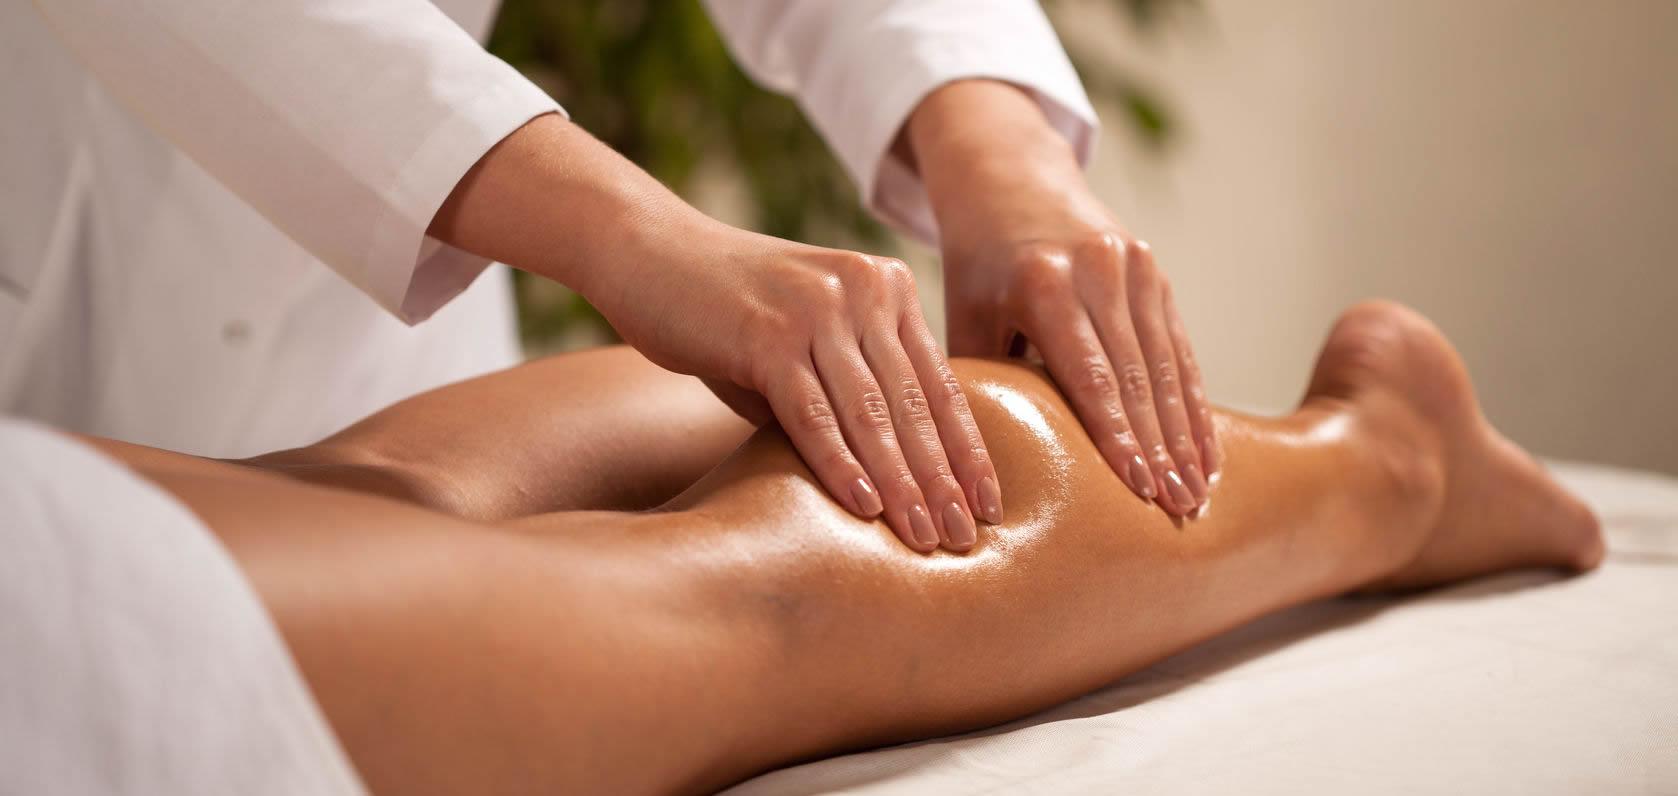 Adipose Cellulite: Kneading is the adequate Anti-cellulite massage technique